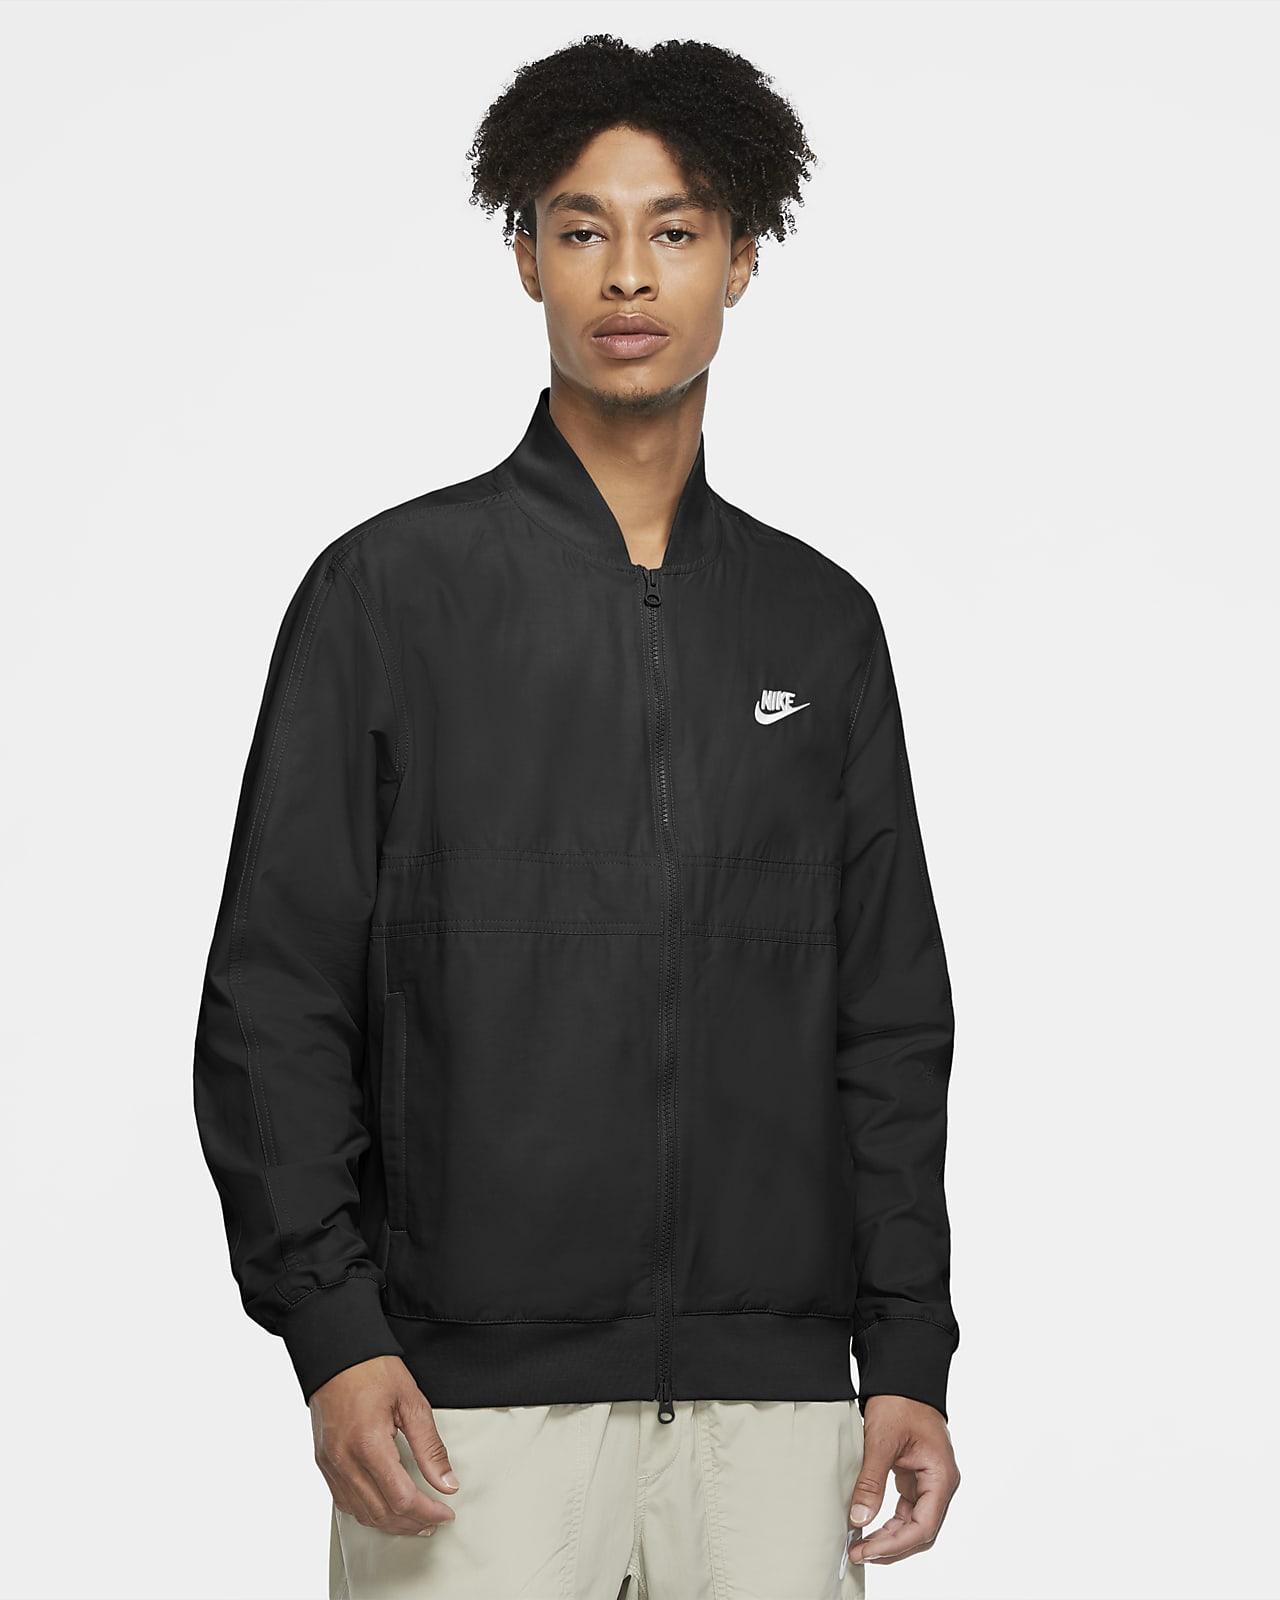 เสื้อแจ็คเก็ตนักกีฬาแบบทอผู้ชาย Nike Sportswear